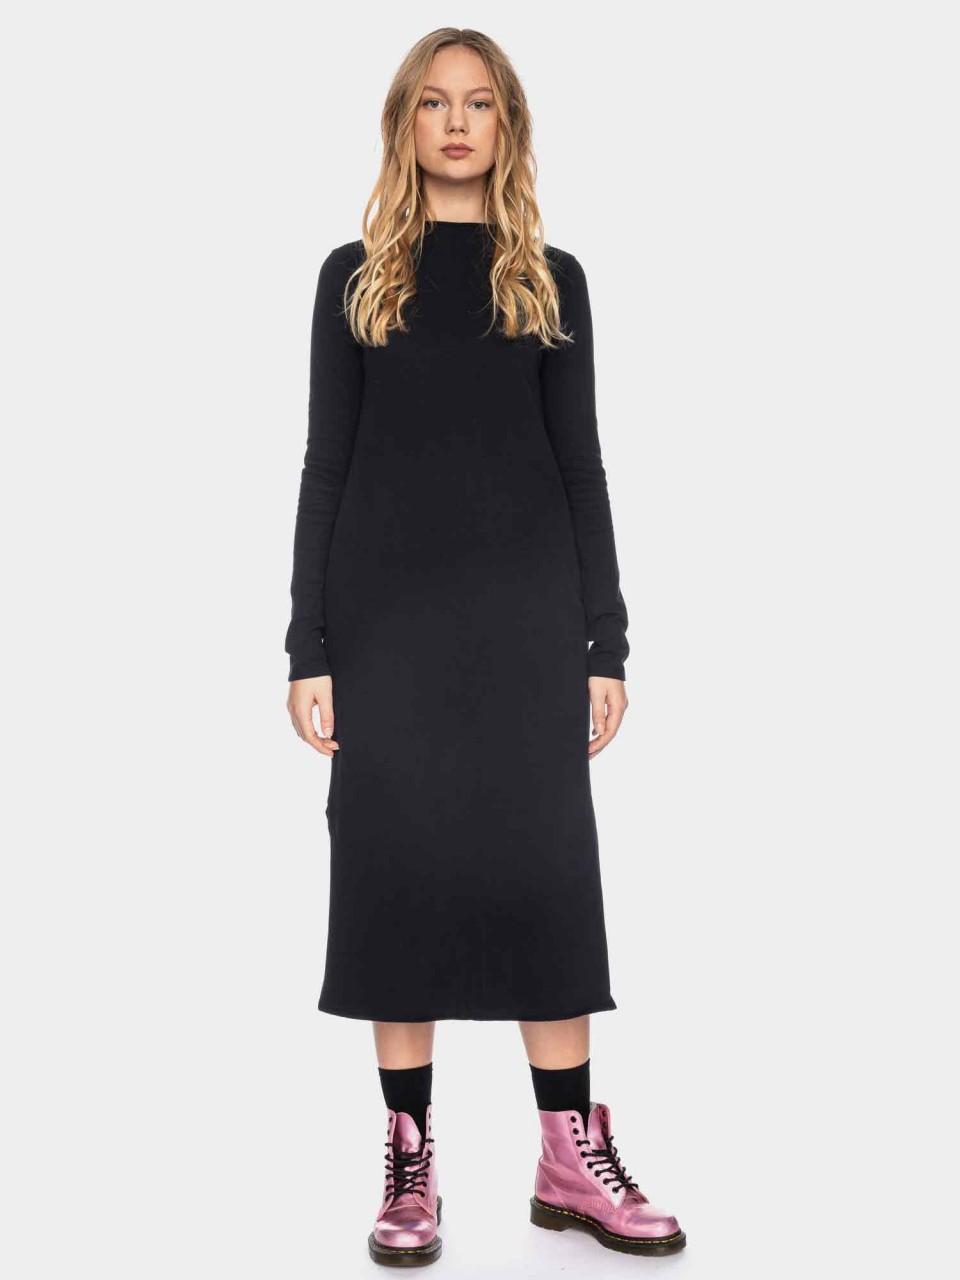 Kleid Maaike GOTS CO 27/054 BLK